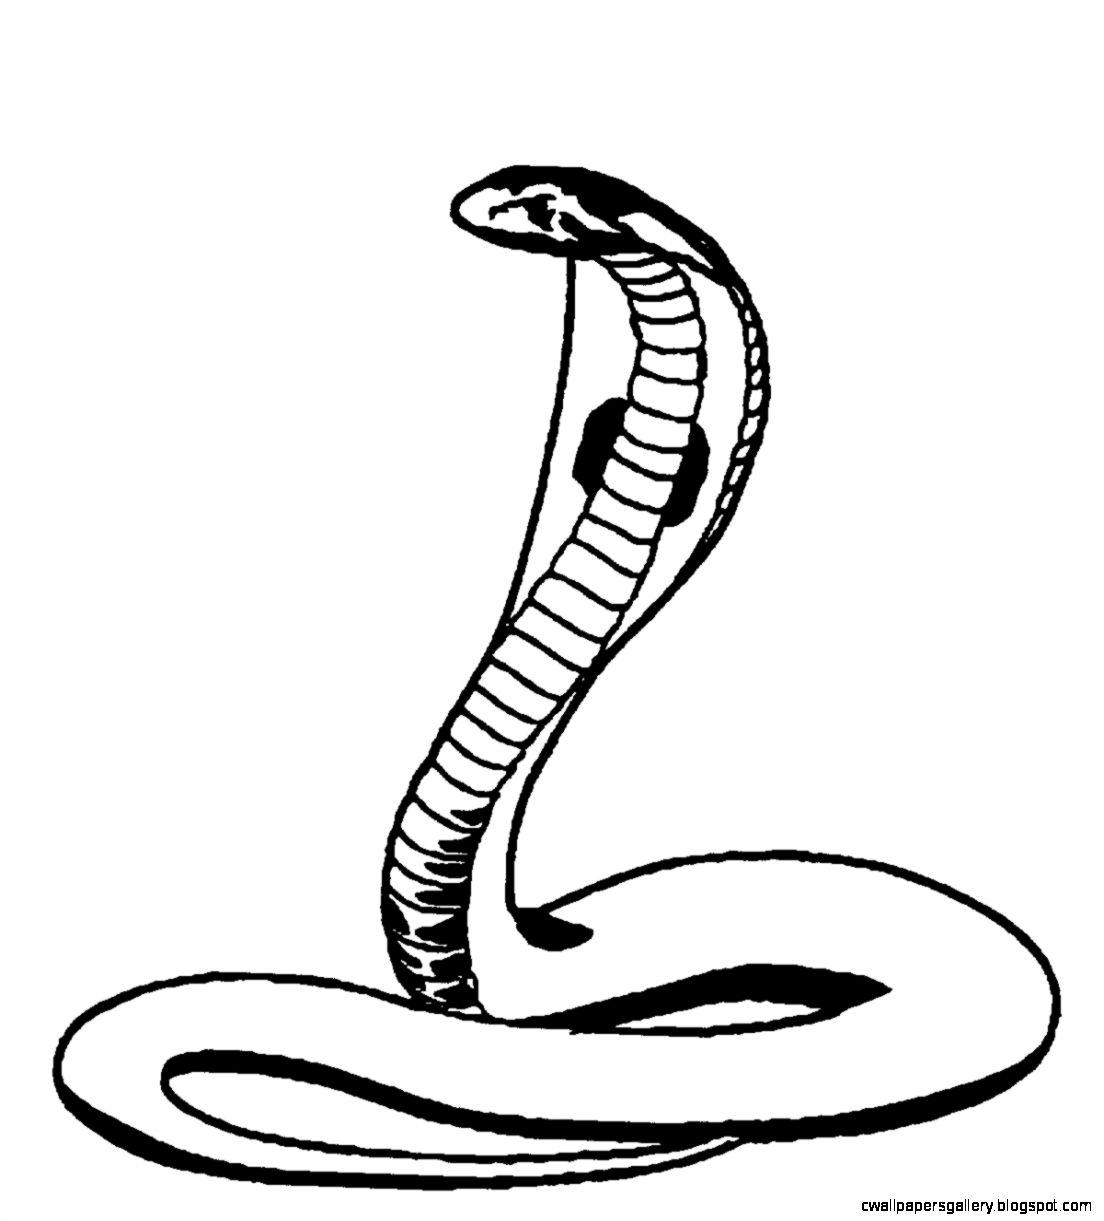 1104x1221 Cobra Snake Drawings Wallpapers Gallery